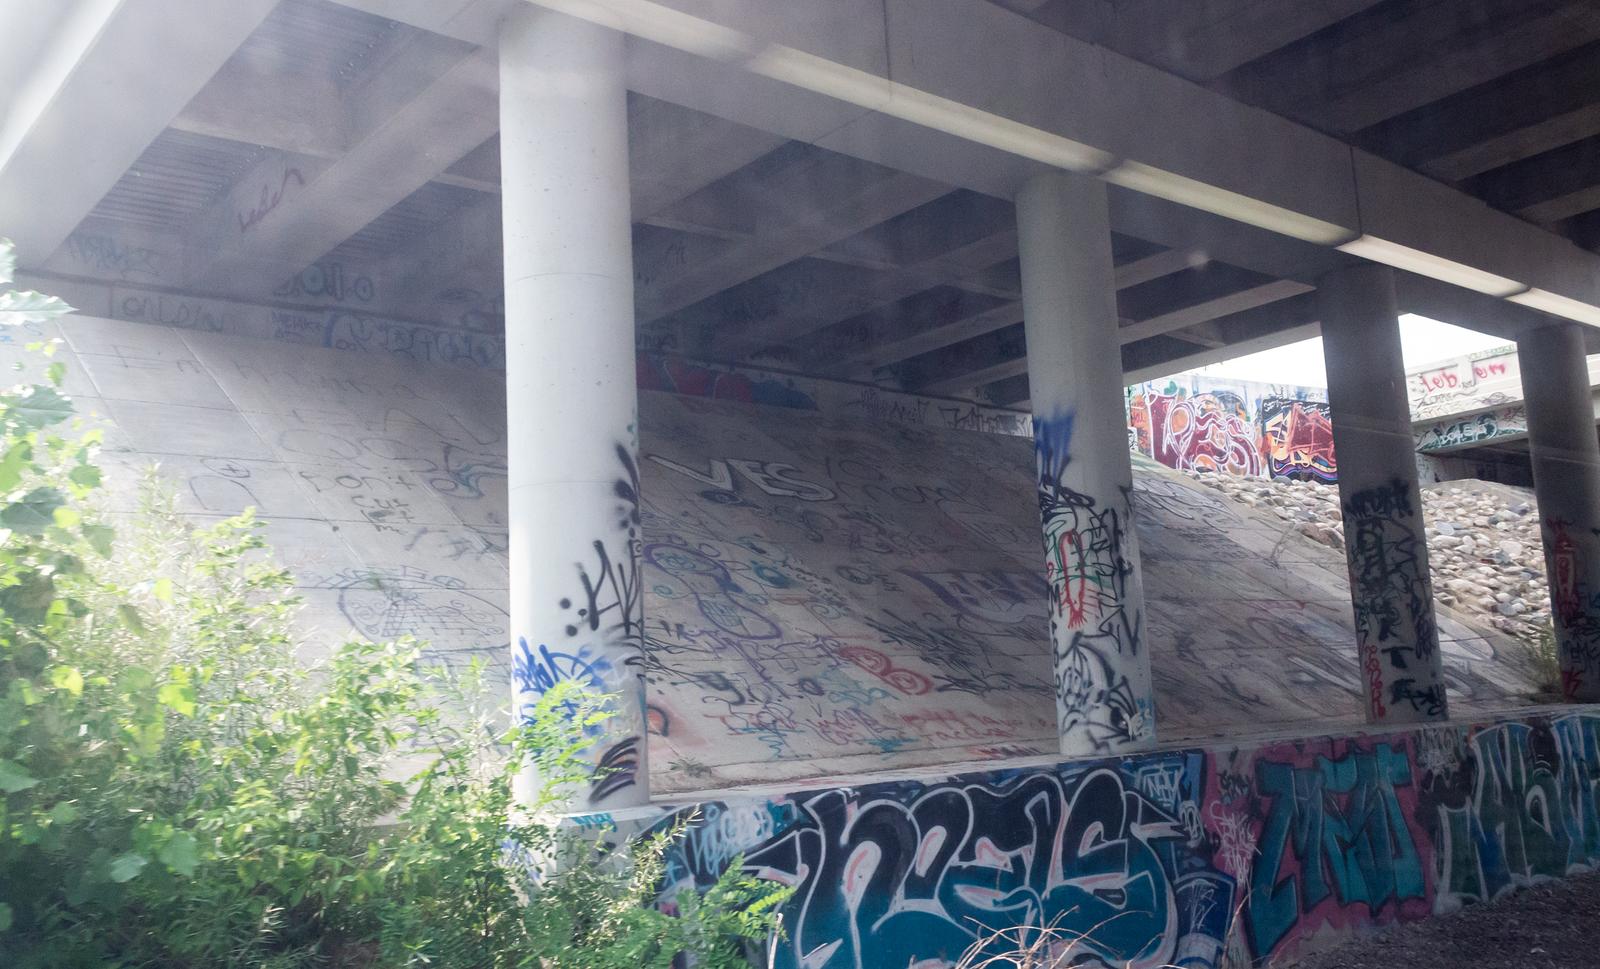 Graffiti Bridge by AaronMk